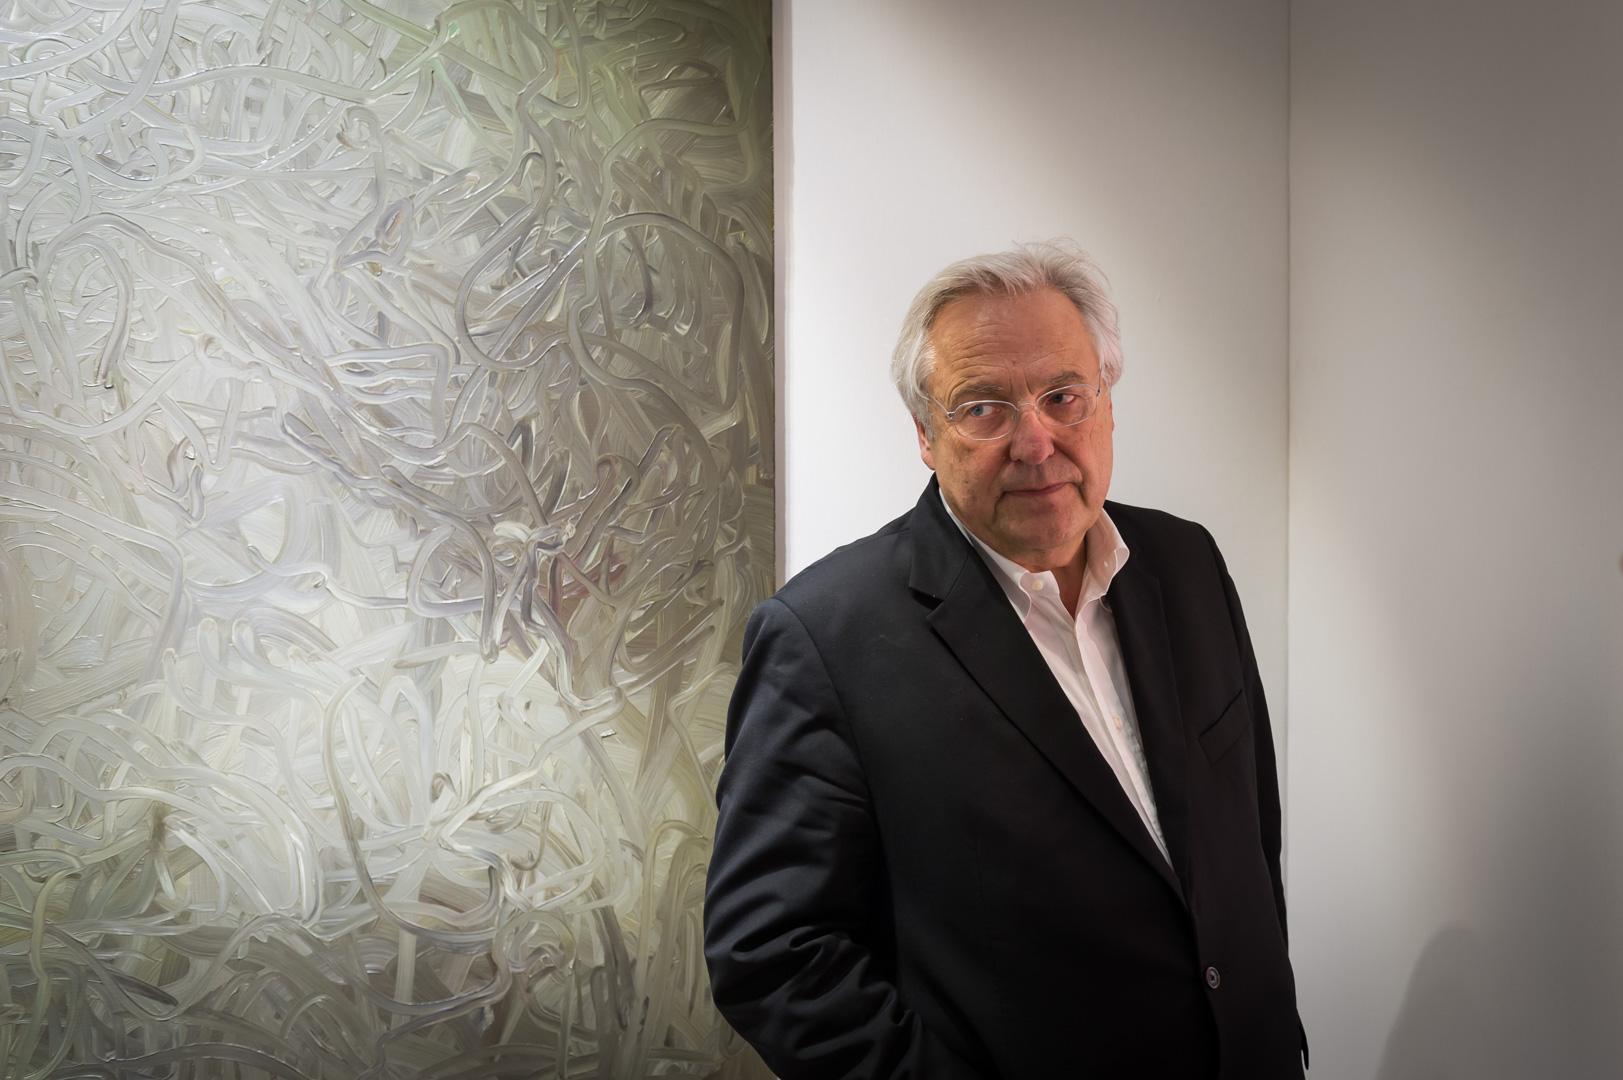 Helge Achenbach auf der Kunstmesse Tefaf in Maastricht vor dem Gemälde von Gerdhard Richter